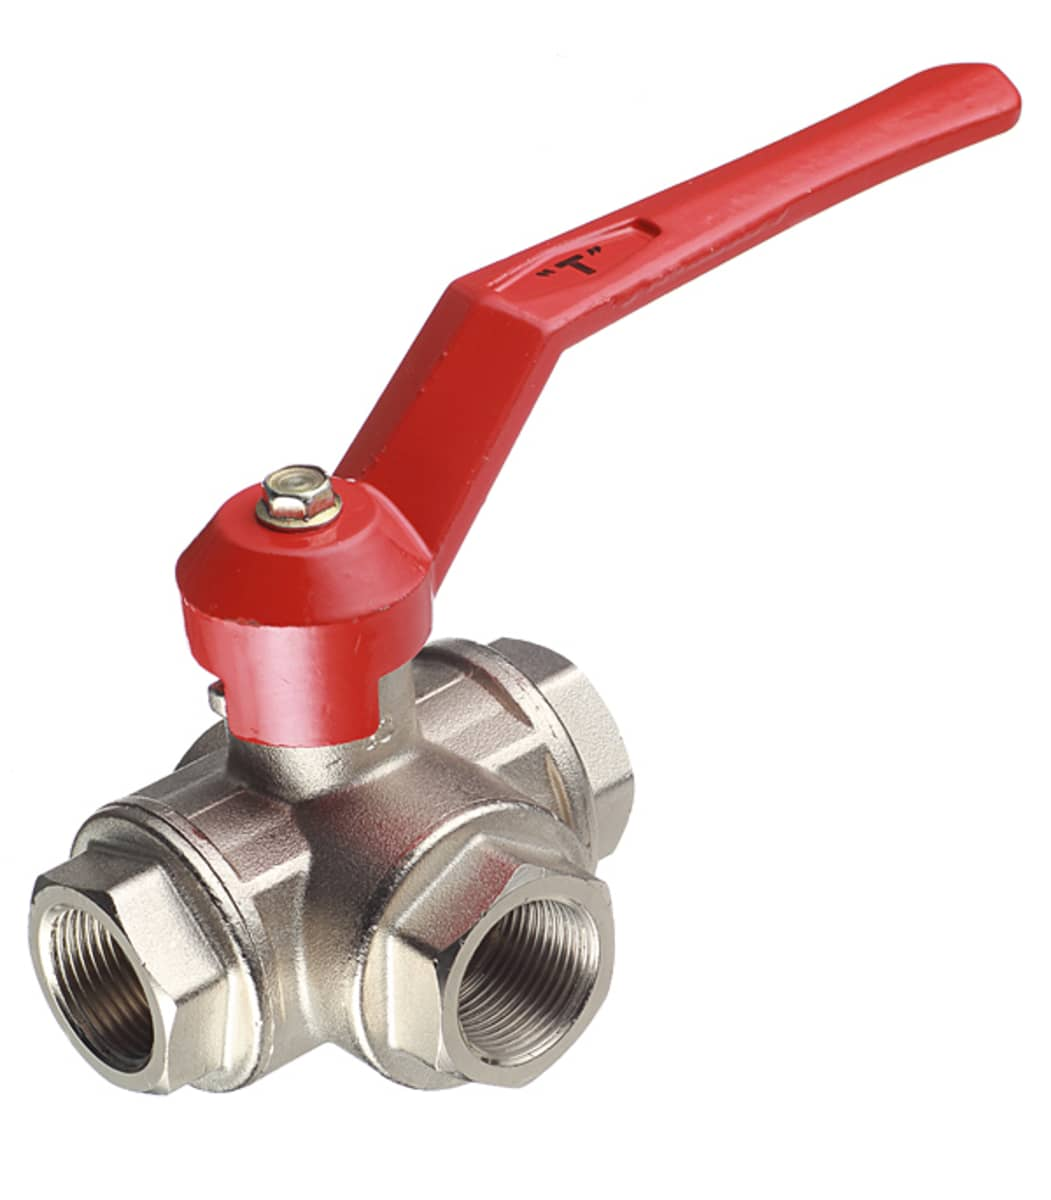 Как выбрать правильный водопроводный кран: виды, устройство, подводные камни и установка своими руками